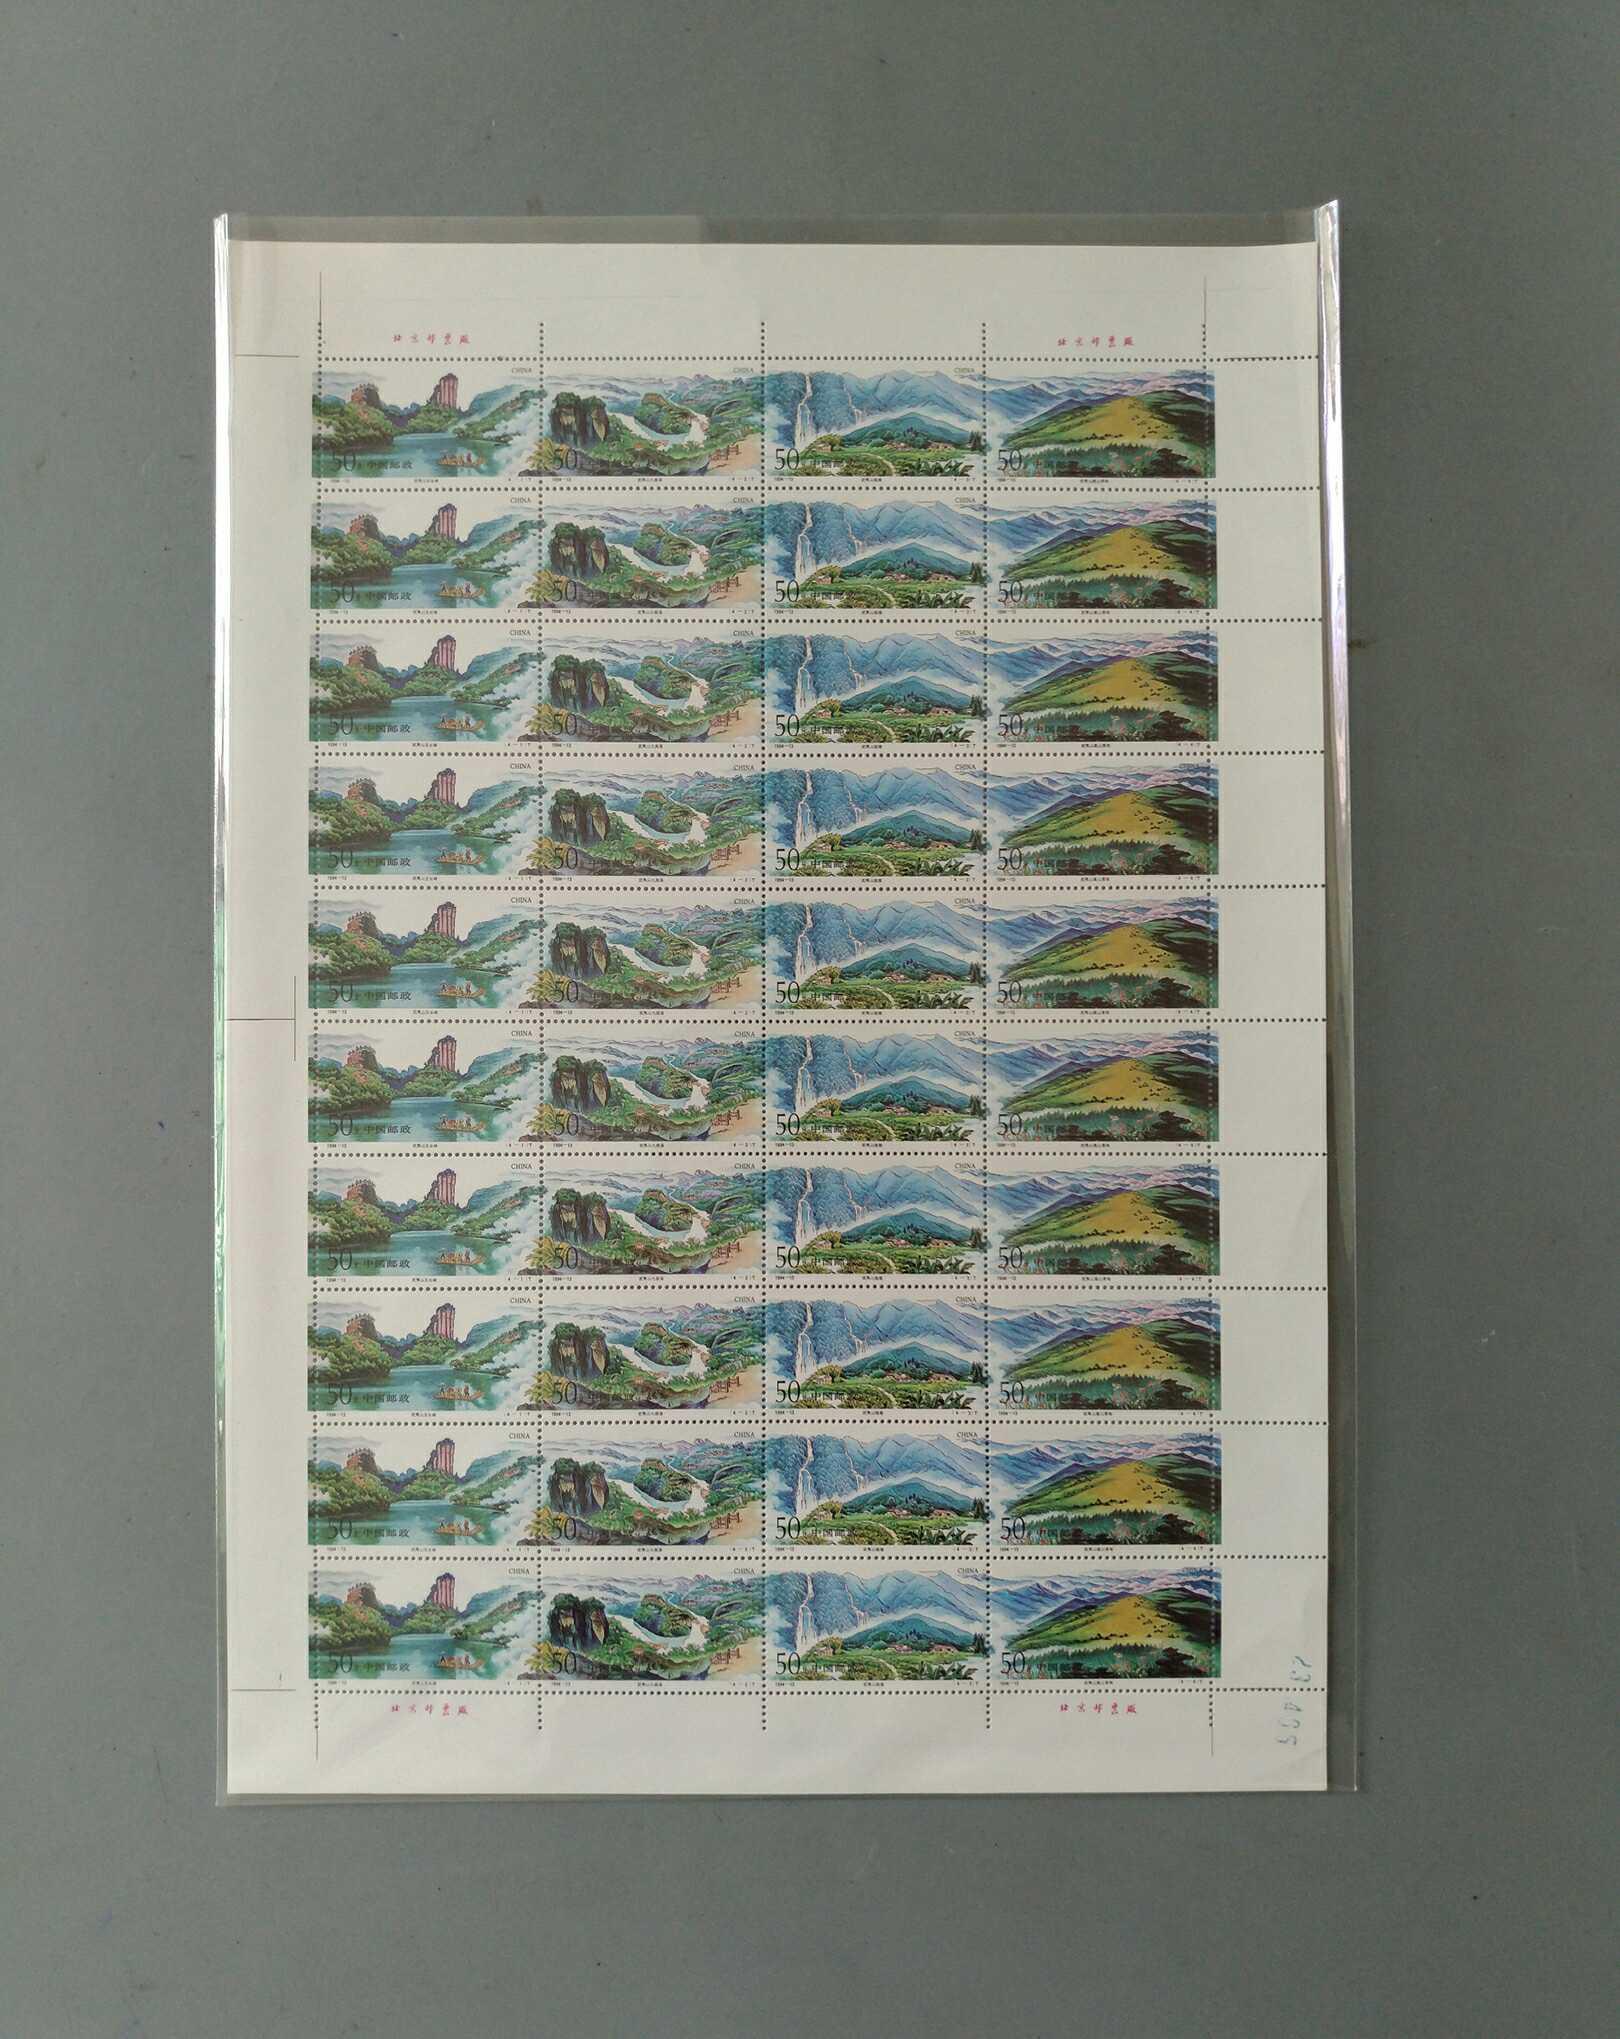 1994-13武夷山邮票大版保真原胶全品实图发货,特价集邮值得收藏